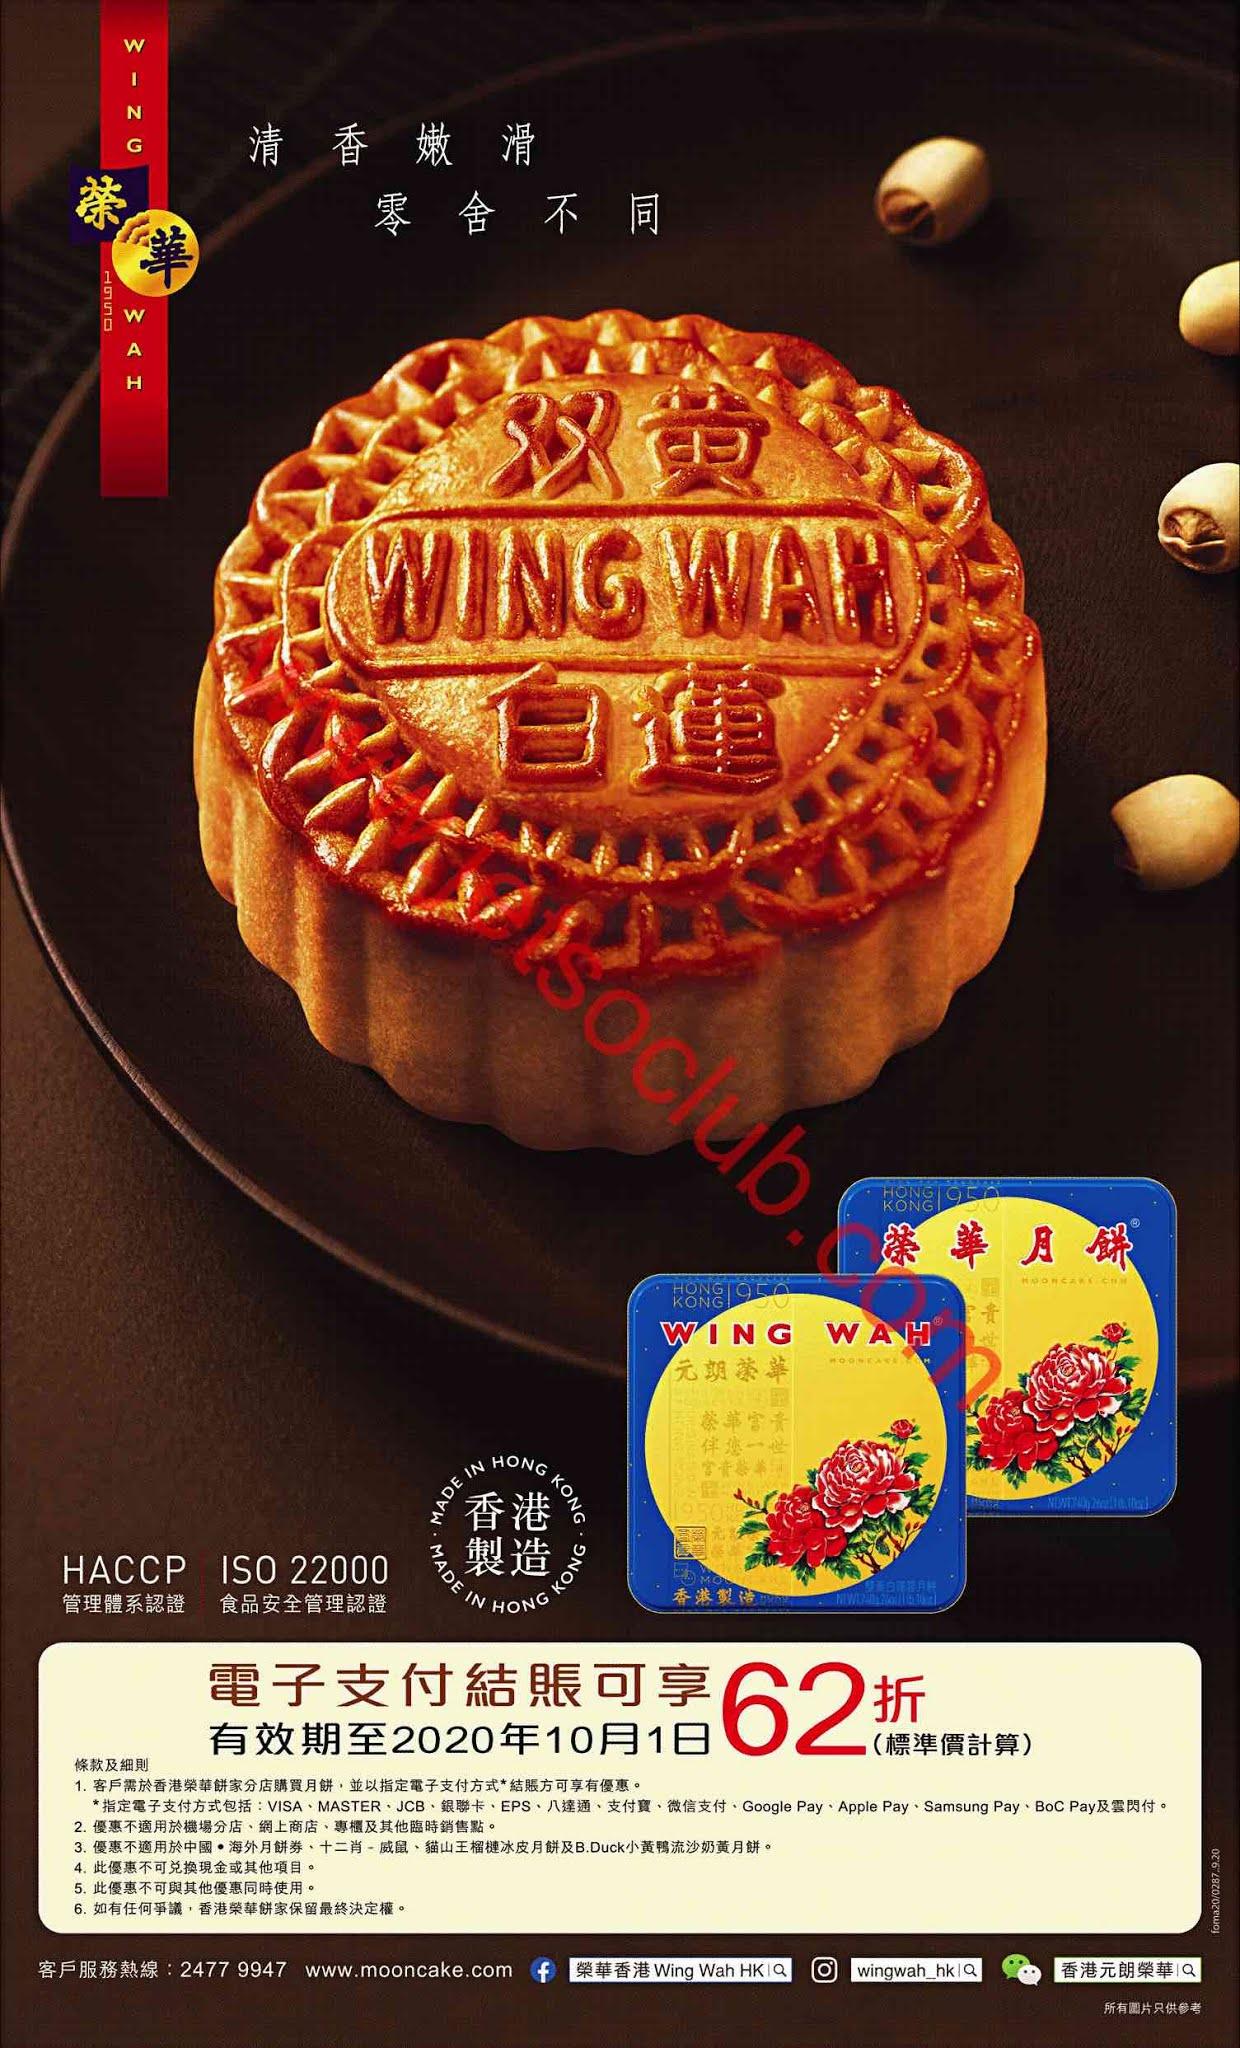 榮華月餅:電子支付結帳 62折優惠(至1/10) ( Jetso Club 著數俱樂部 )